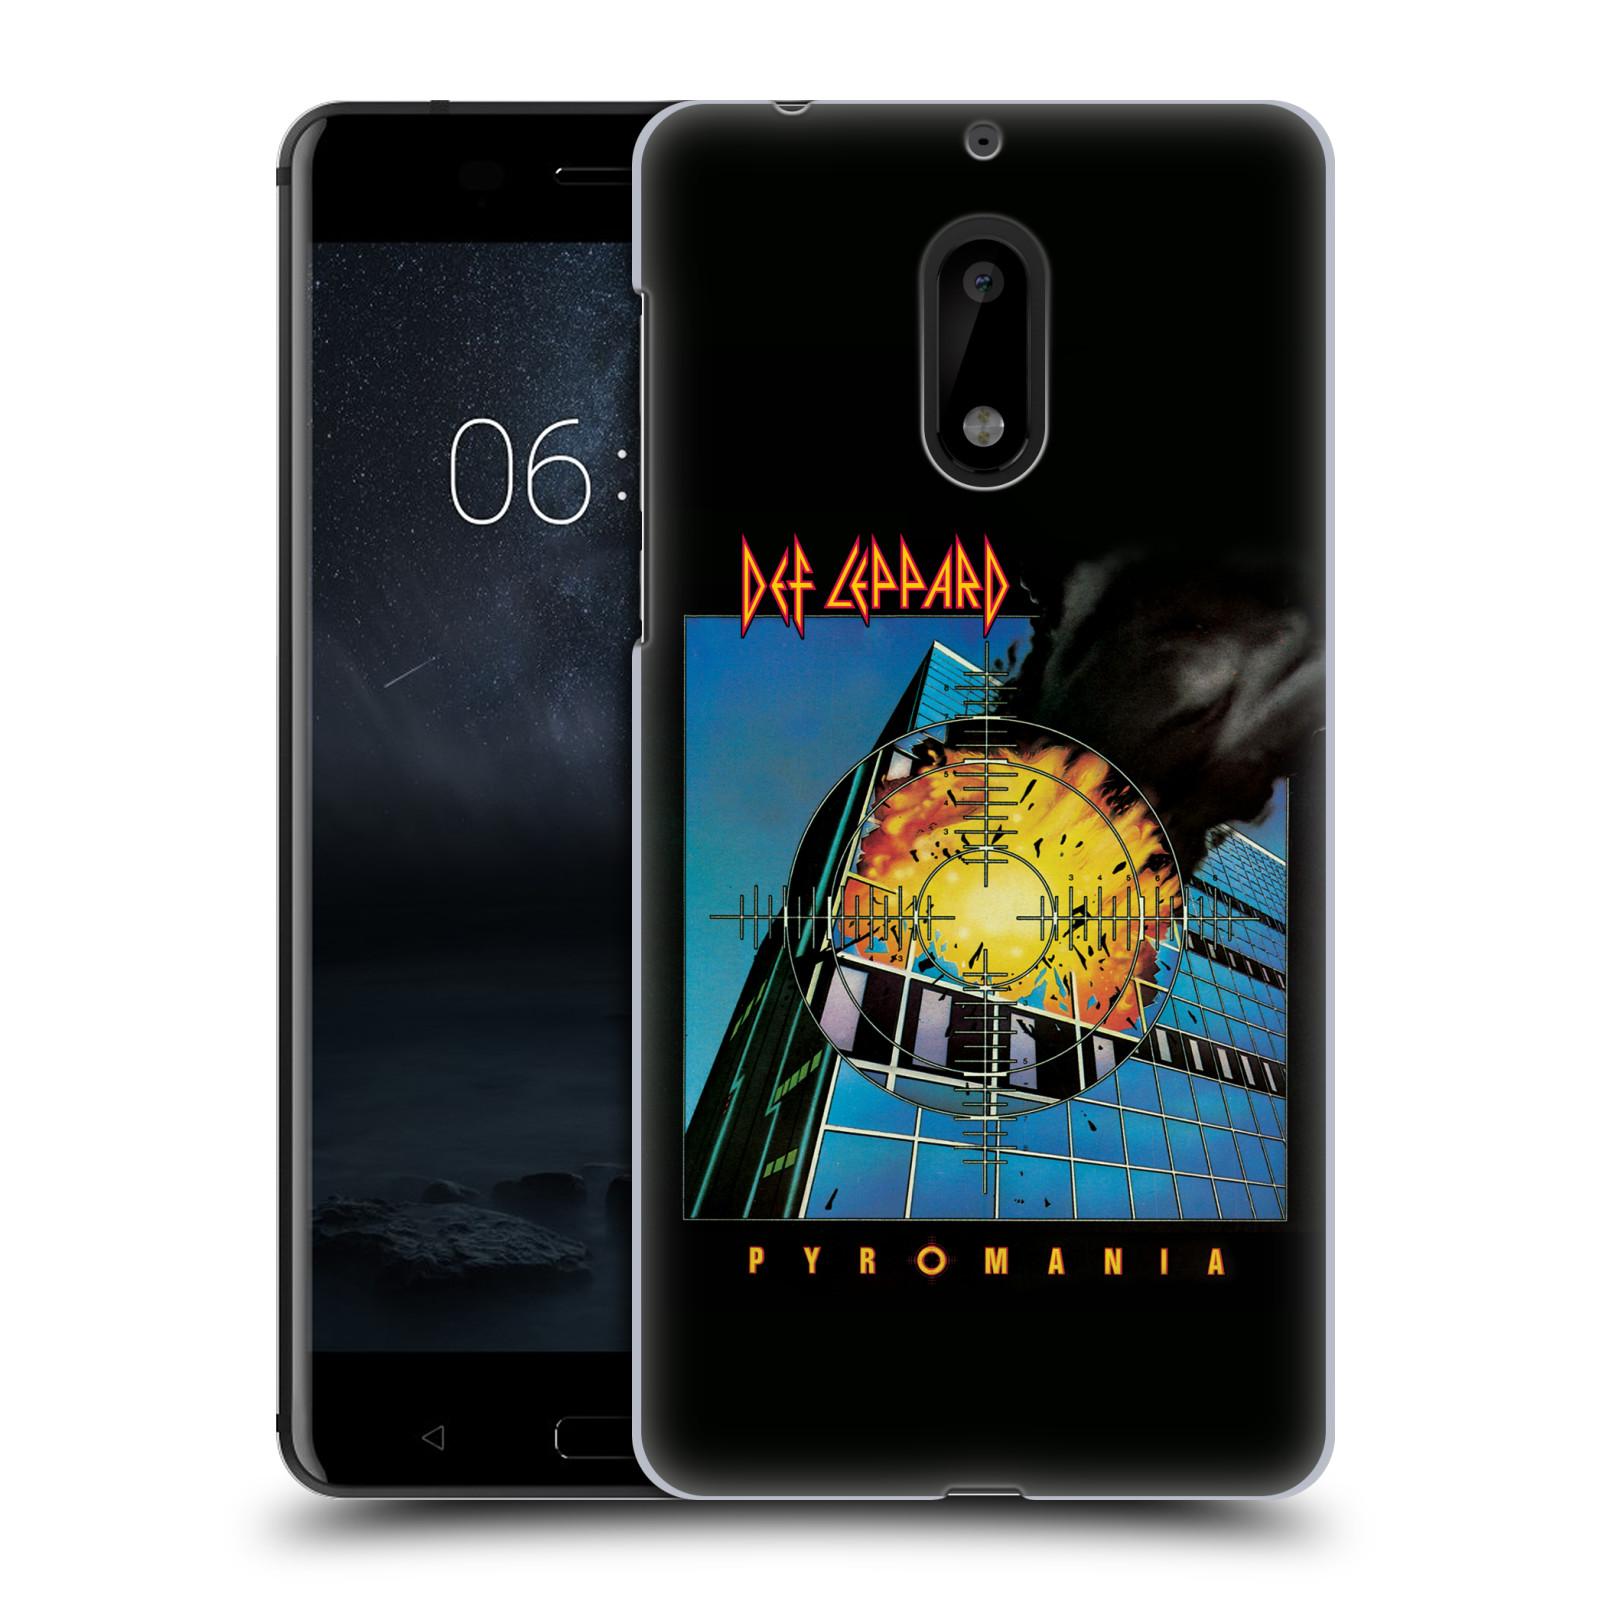 OFFICIAL-DEF-LEPPARD-ALBUMS-HARD-BACK-CASE-FOR-NOKIA-PHONES-1